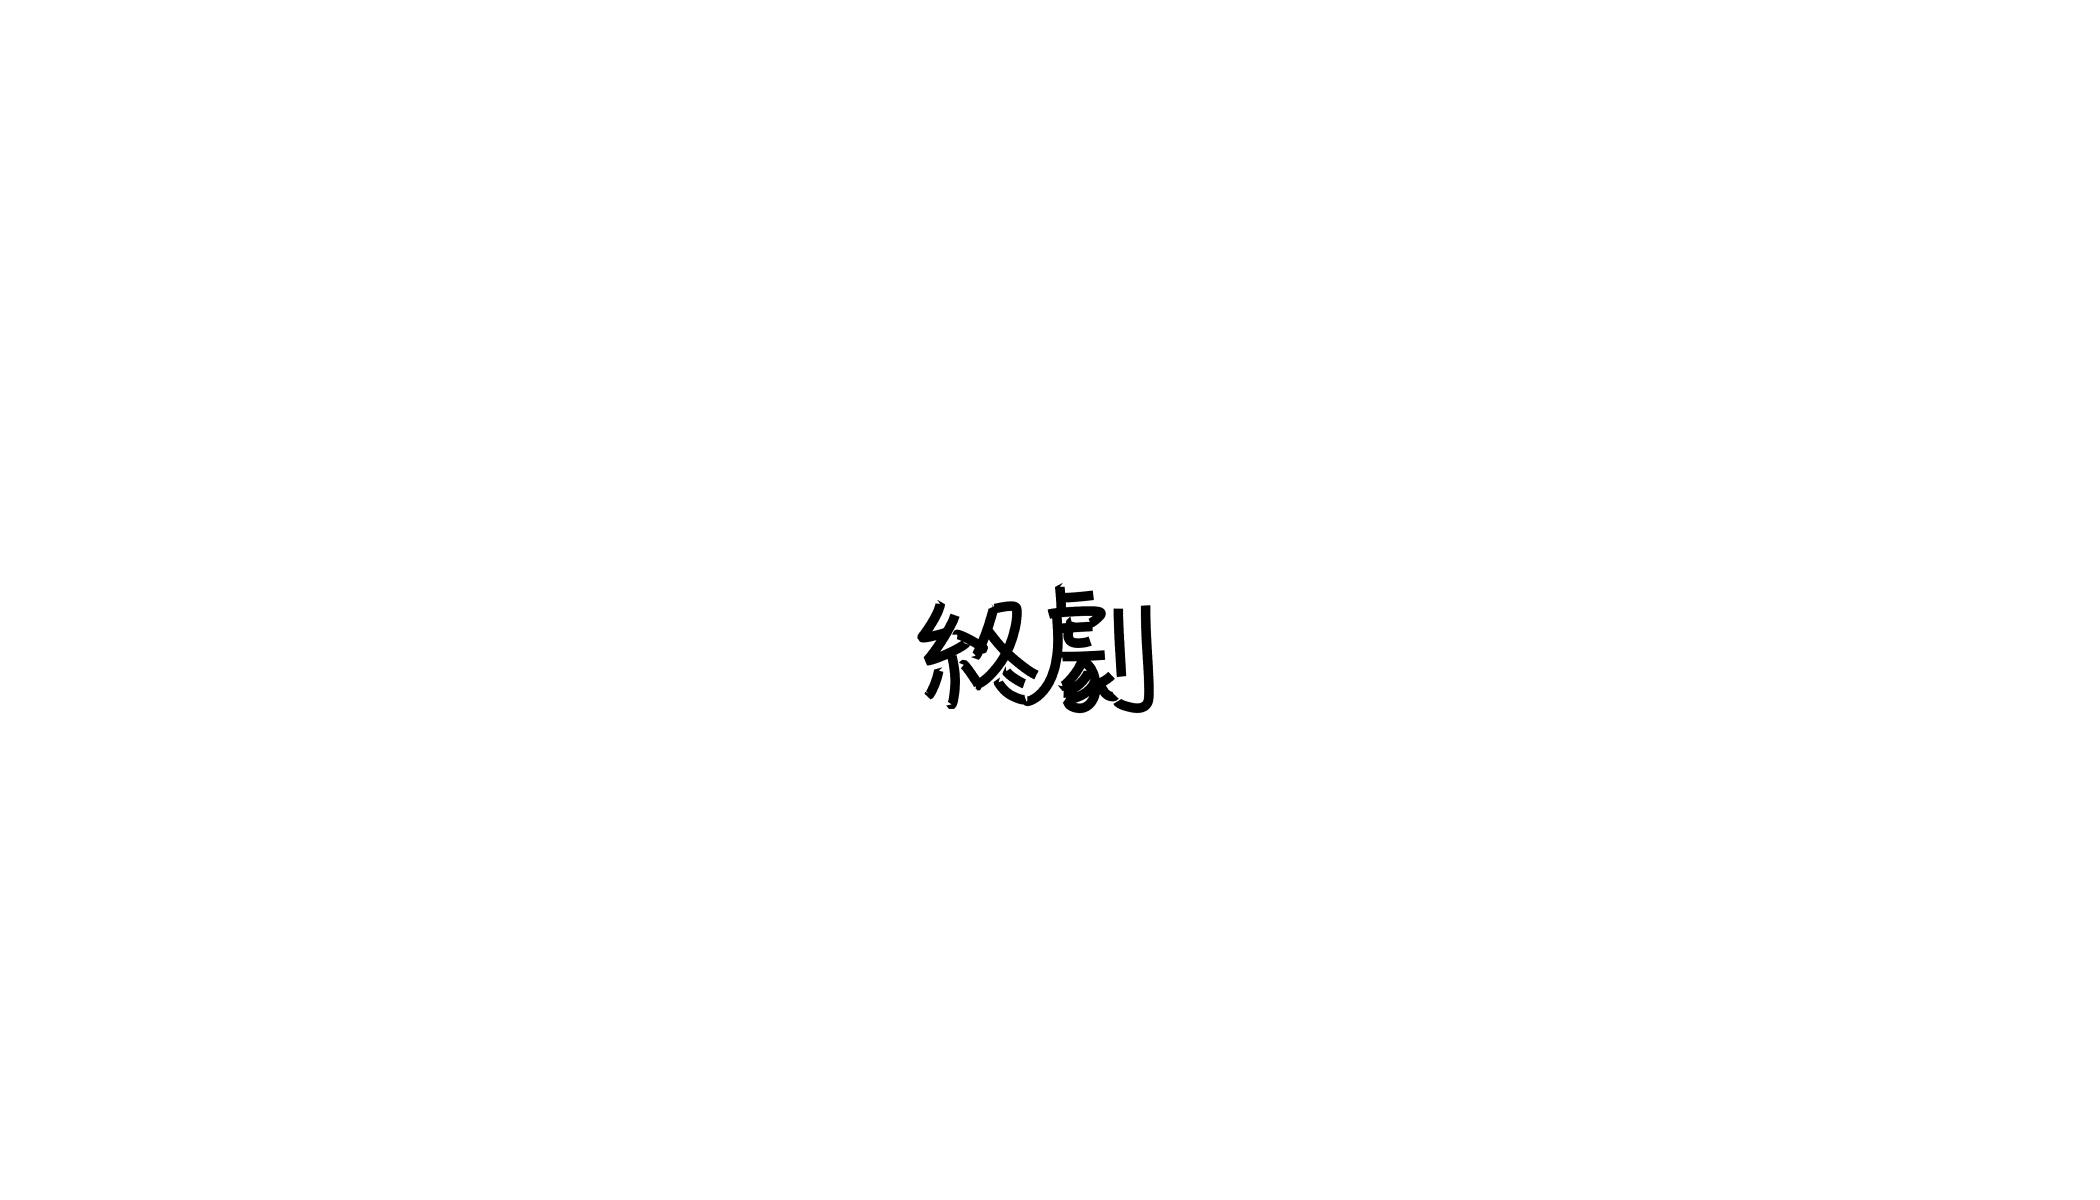 f:id:terashimaru117:20191213011611j:plain